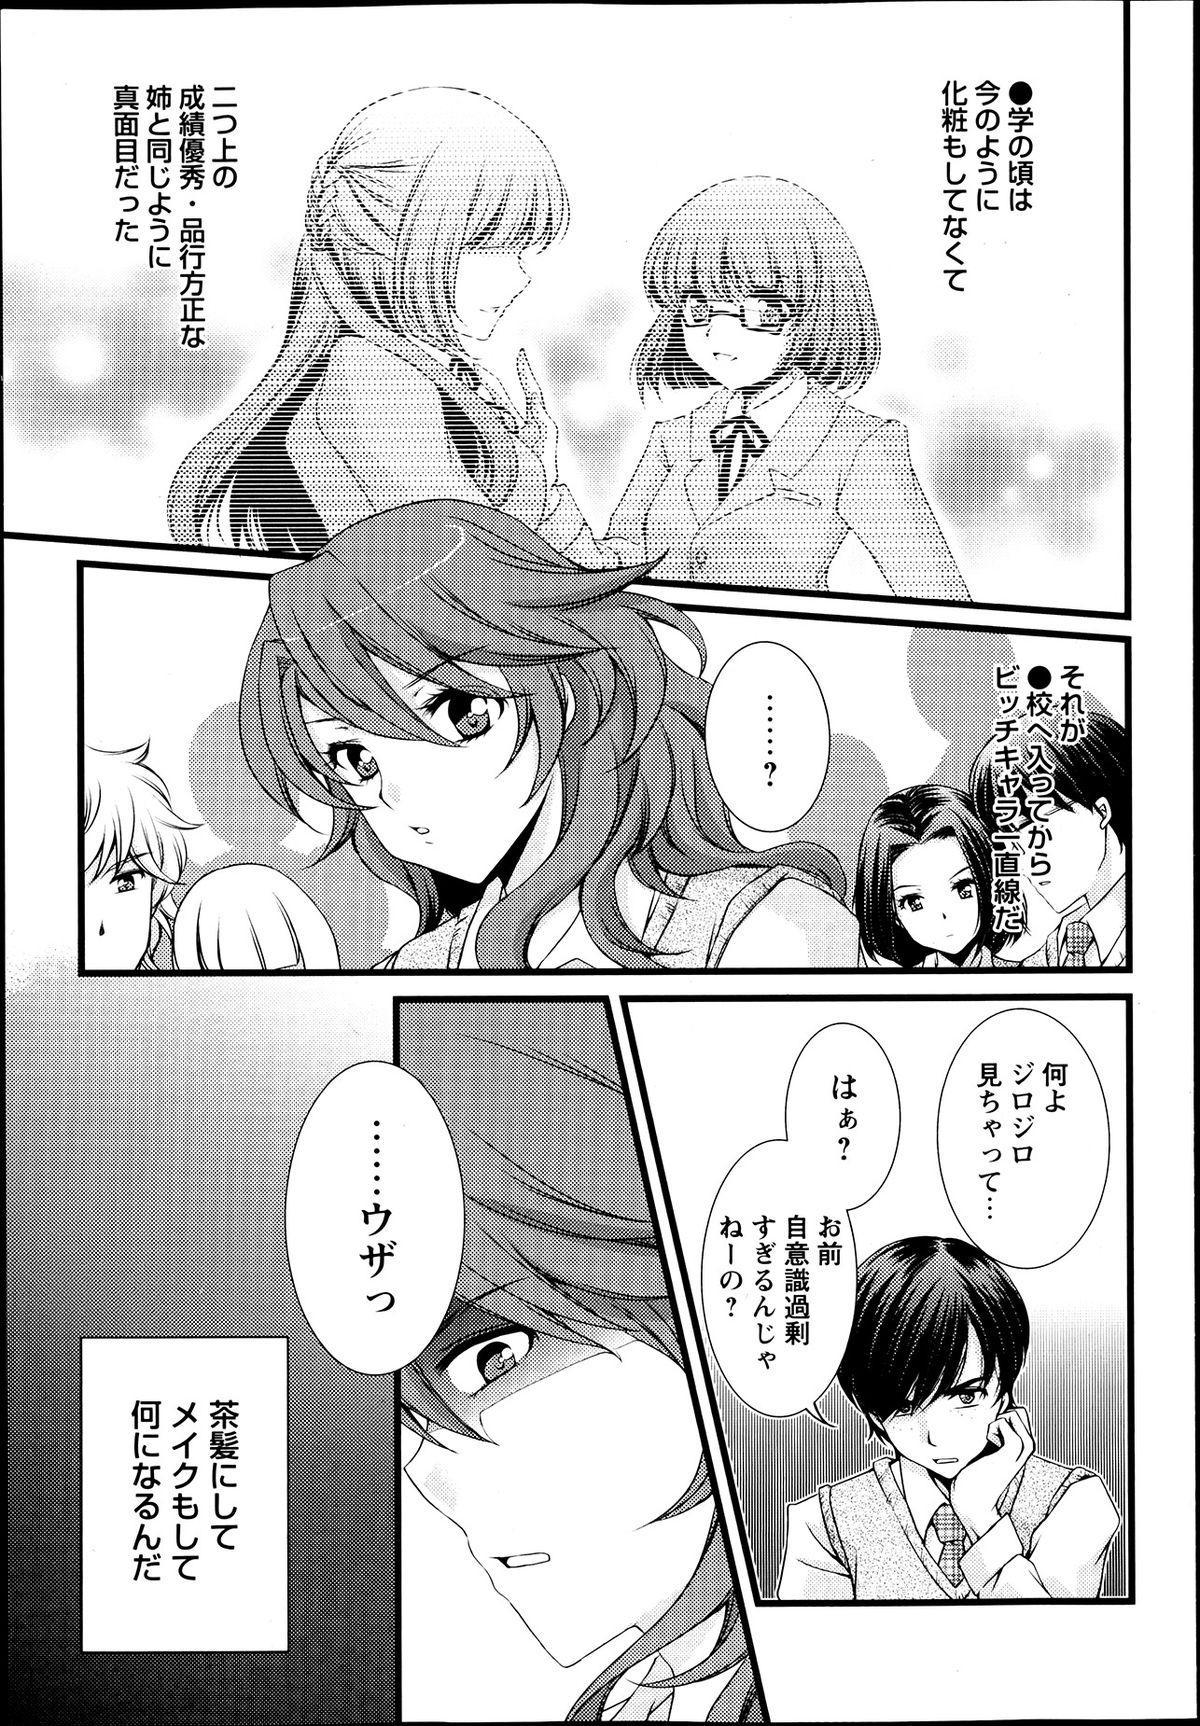 [Aoi Yumi] Kamen no Daishou ~Rensa Suru Ryoujoku~ Ch.1-5 2